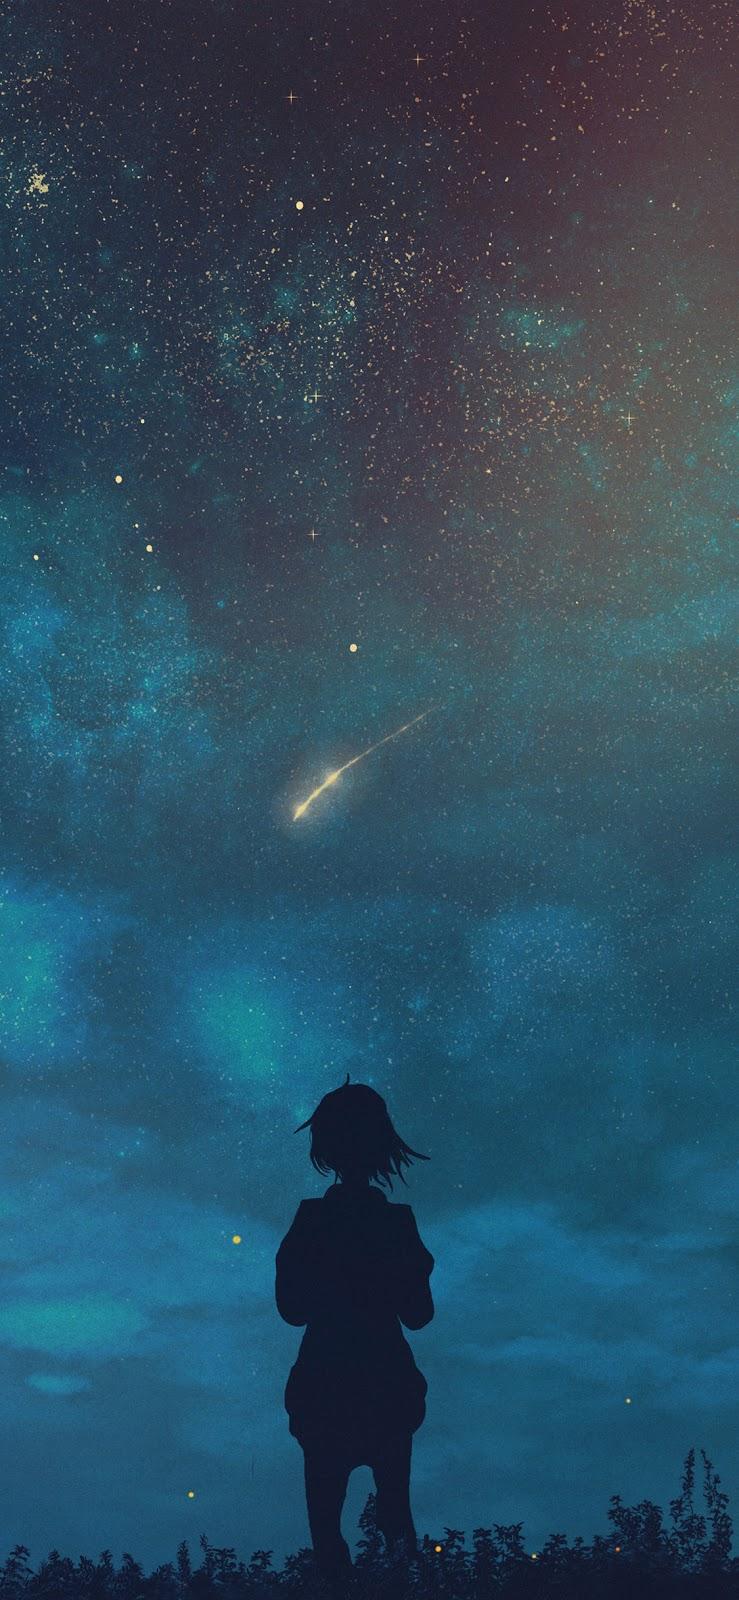 Cô gái xem sao rơi giữa bầu trời đêm